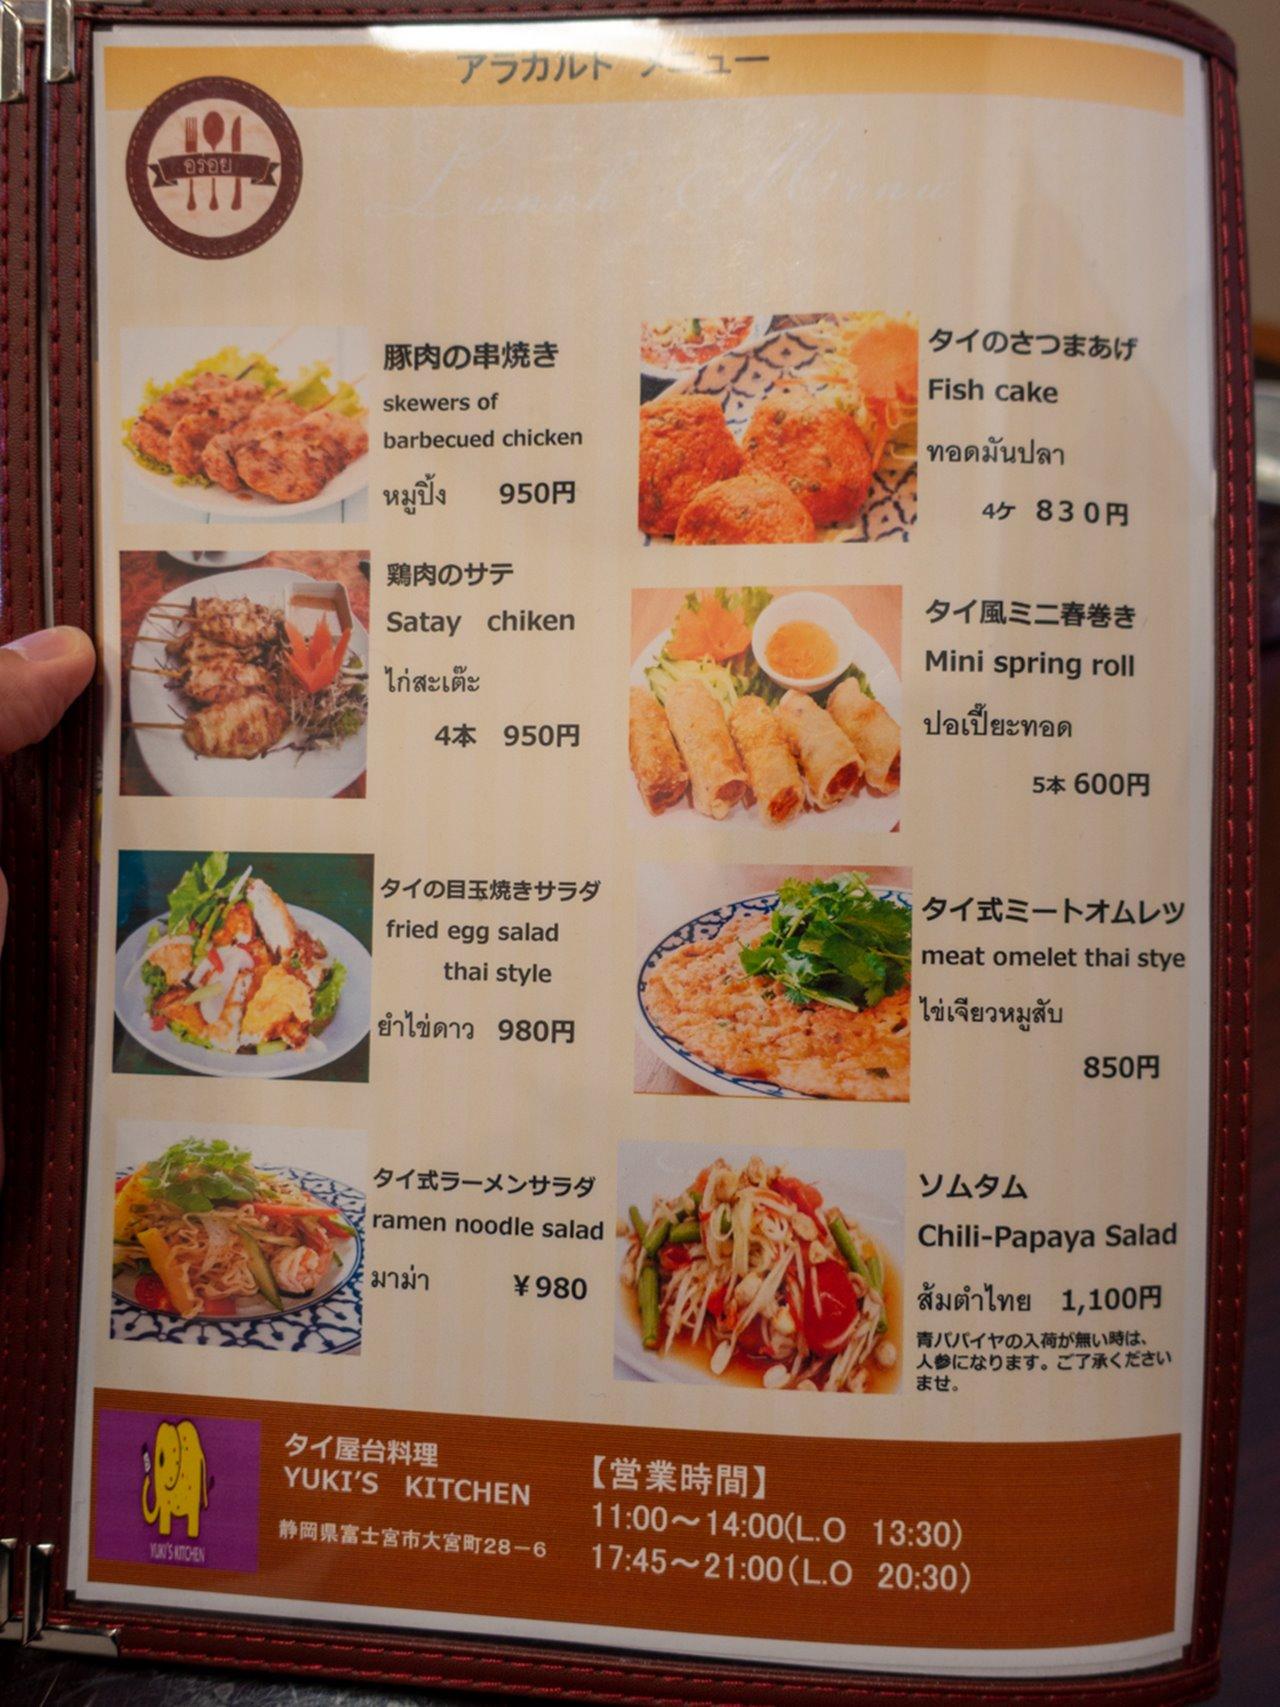 タイ屋台料理ユキズキッチンのメニュー